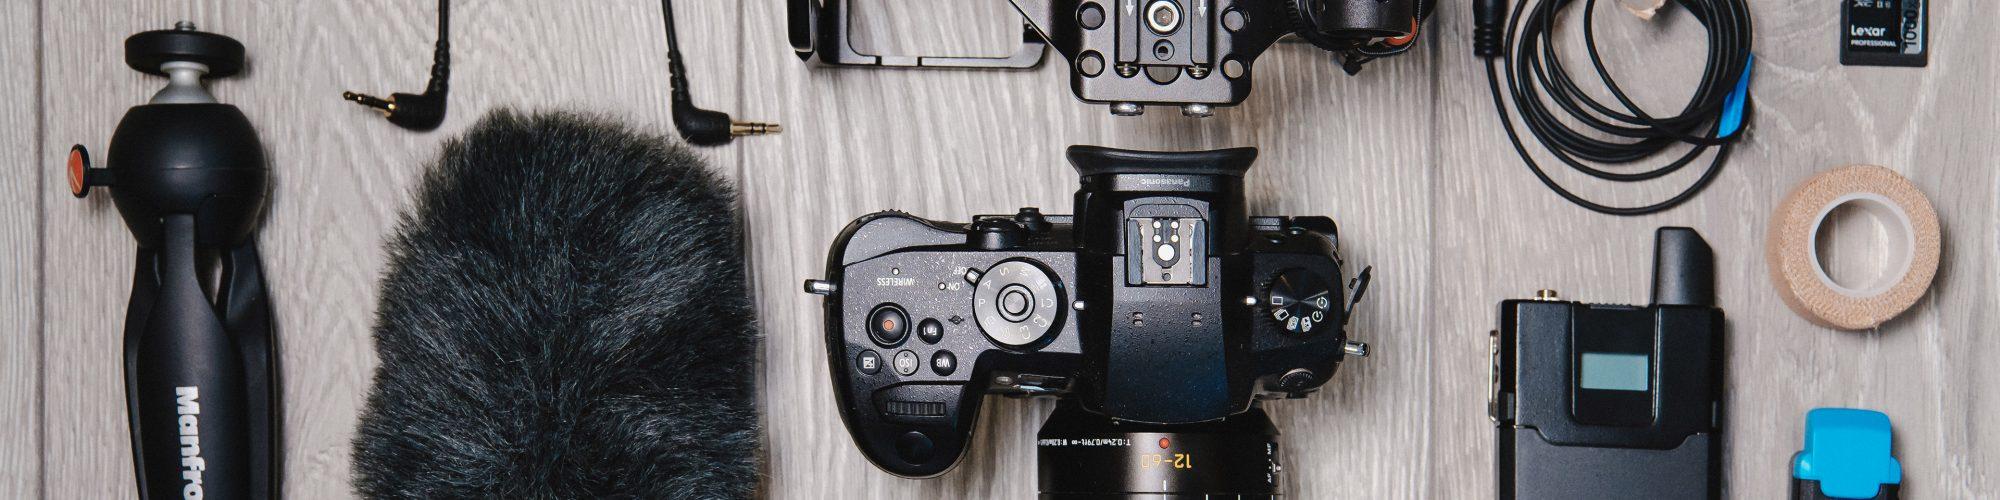 Panasonic GH5 Best Vlog setup 2018